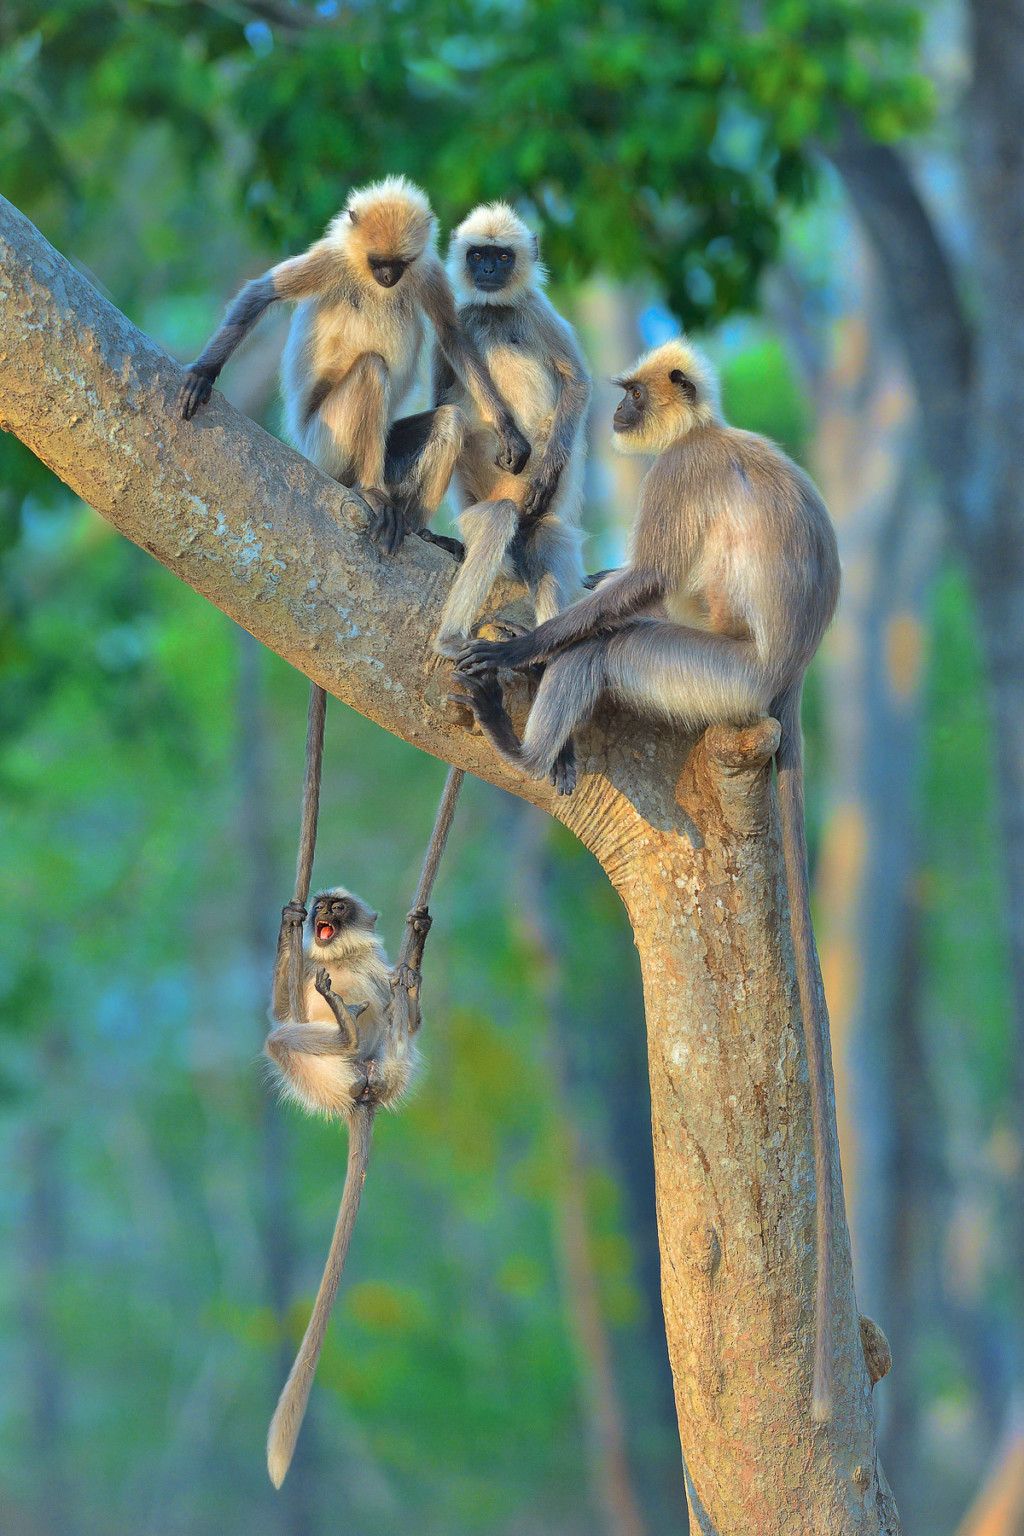 «Развлечения для всех возрастов». Фотограф Thomas Vijayan